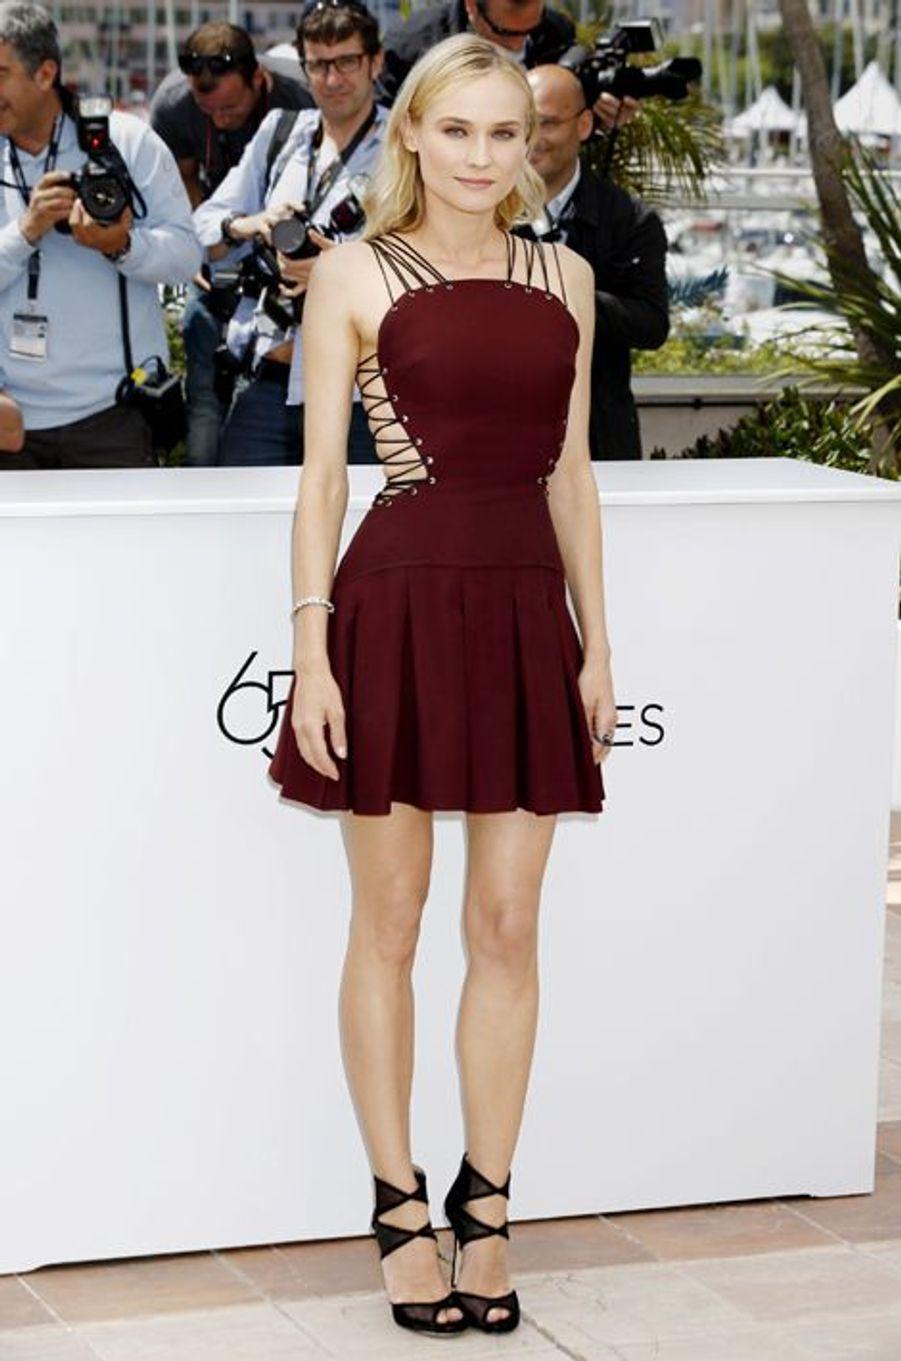 En Versus au Festival de Cannes 2012